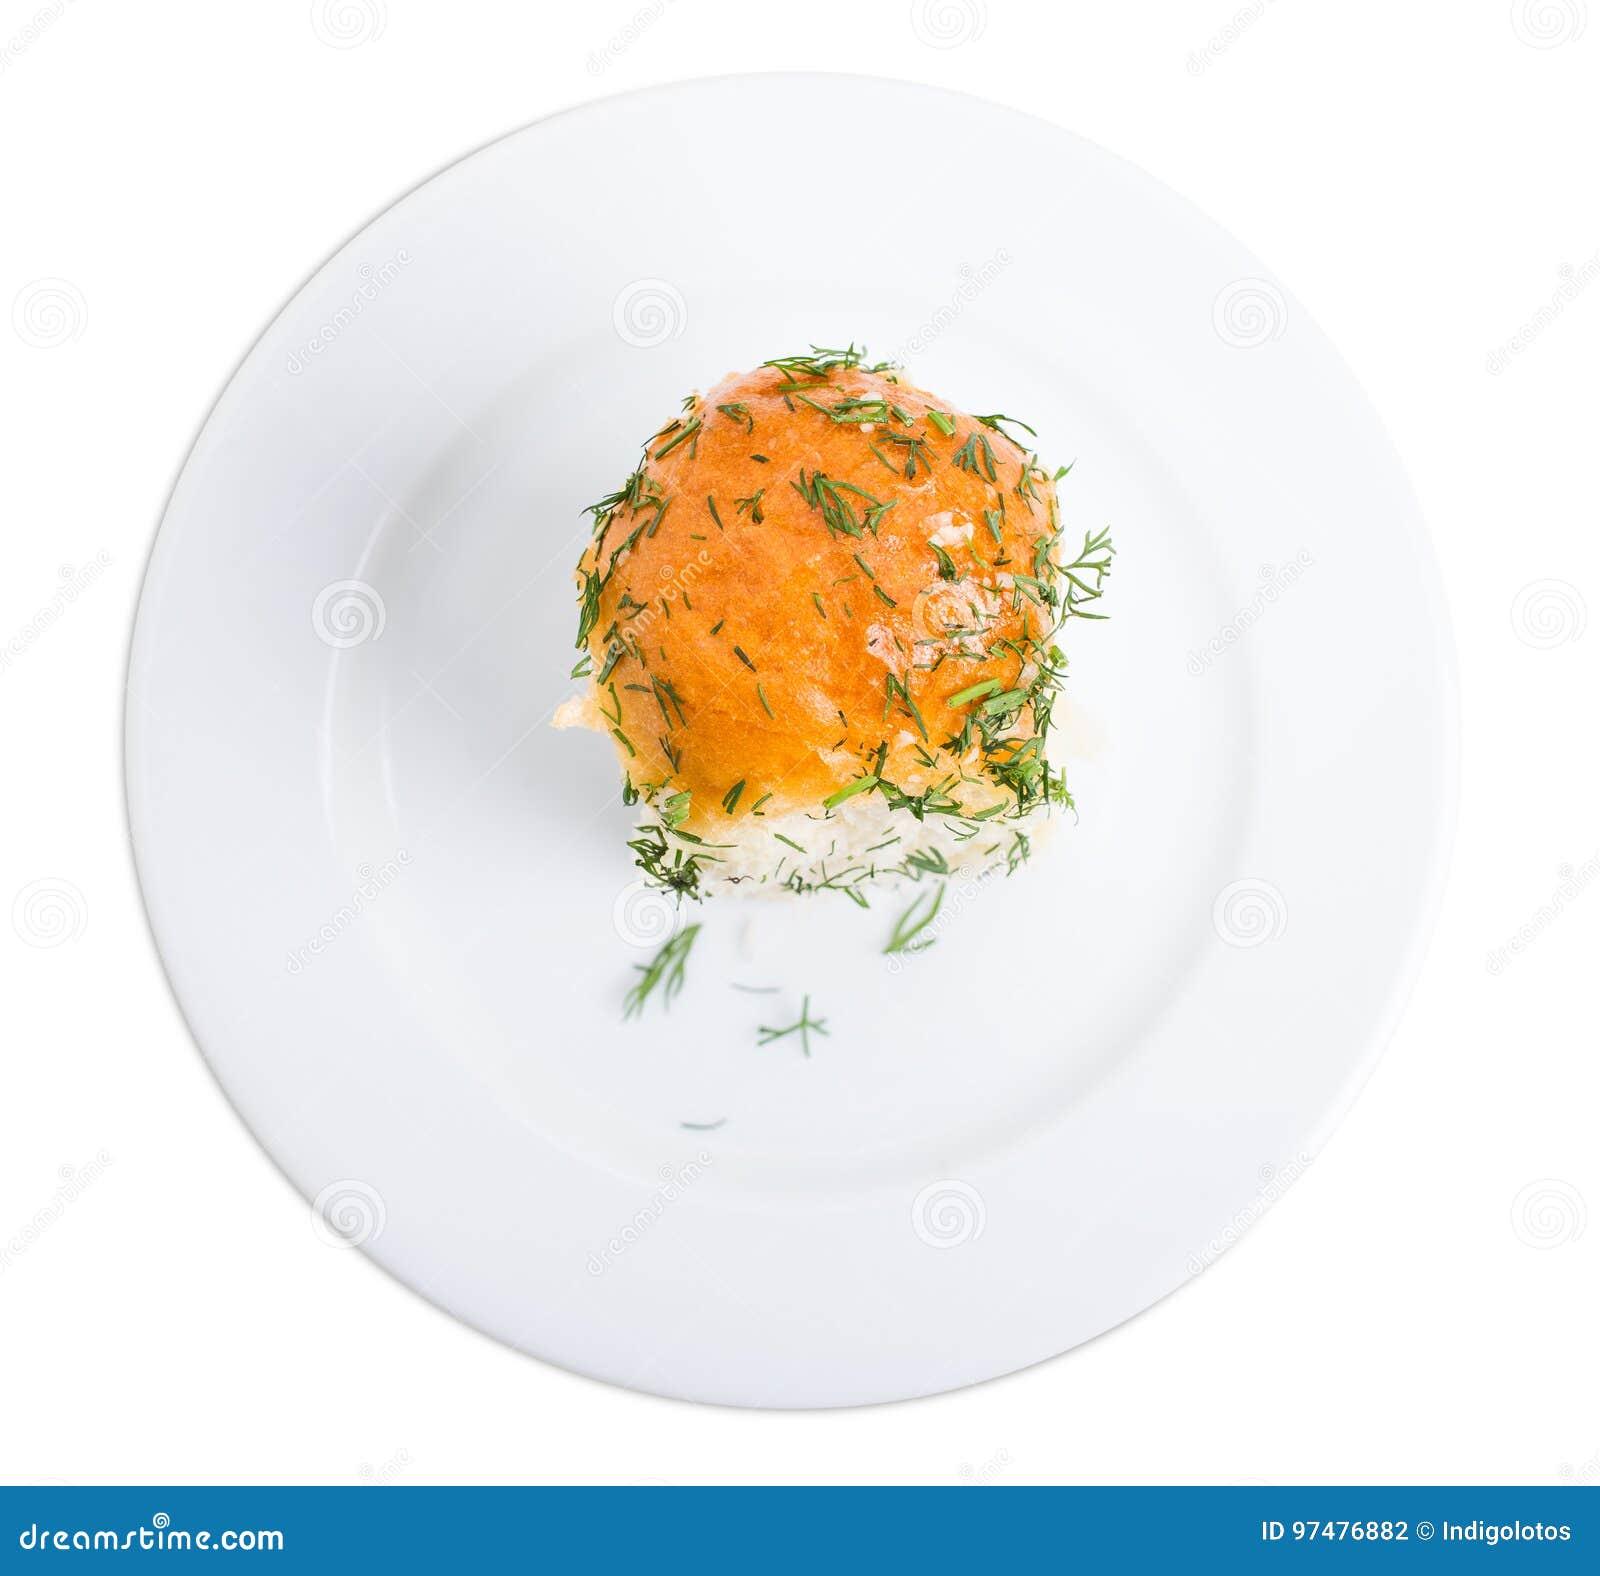 Pane all aglio ucraino con aneto fresco